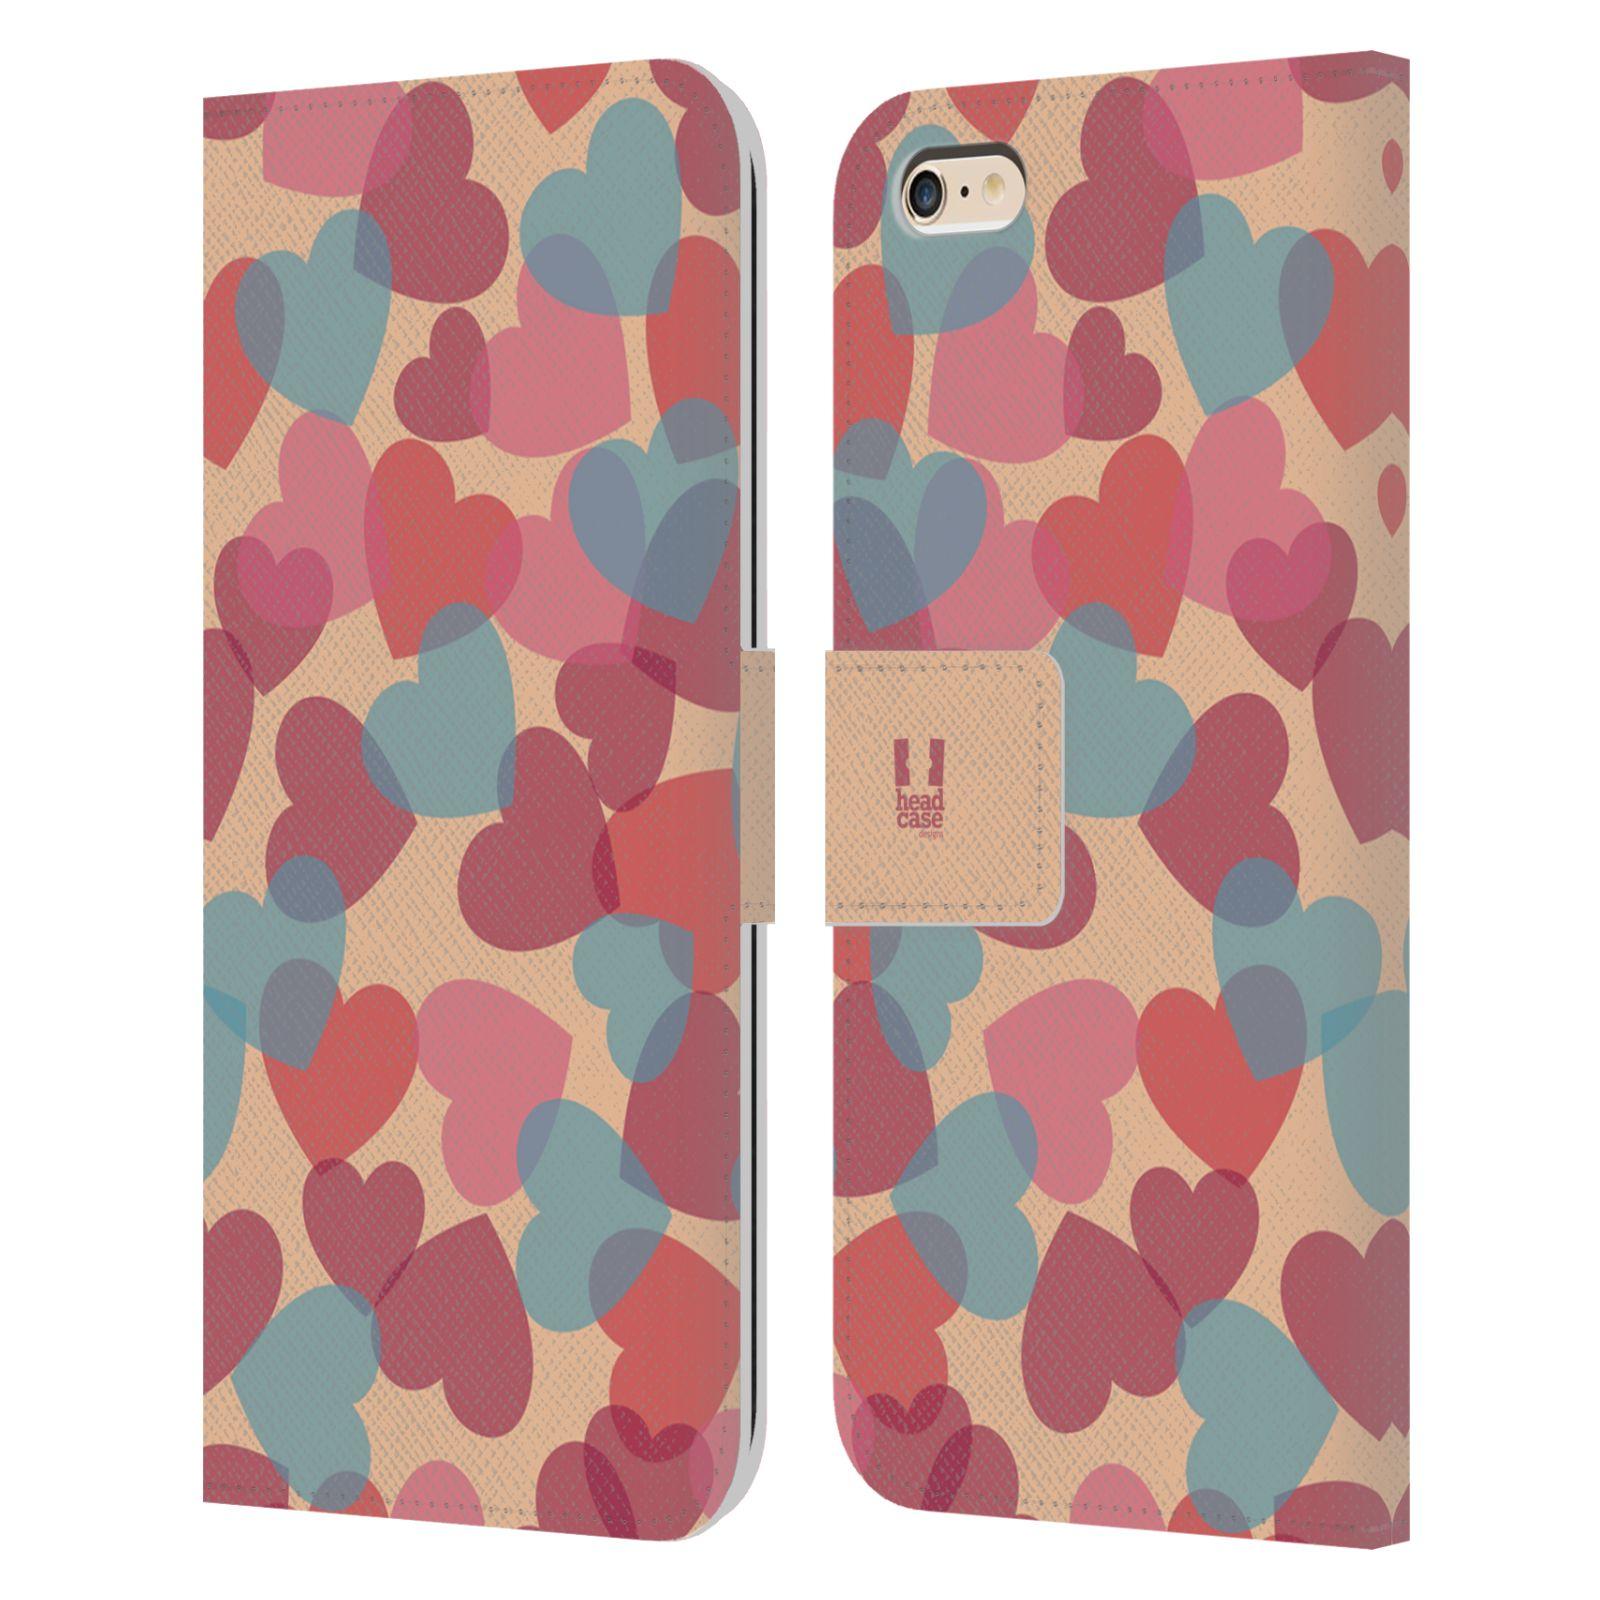 HEAD CASE Flipové pouzdro pro mobil Apple Iphone 6 PLUS / 6S PLUS vzor prolínající se srdíčka, srdce, láska, růžová